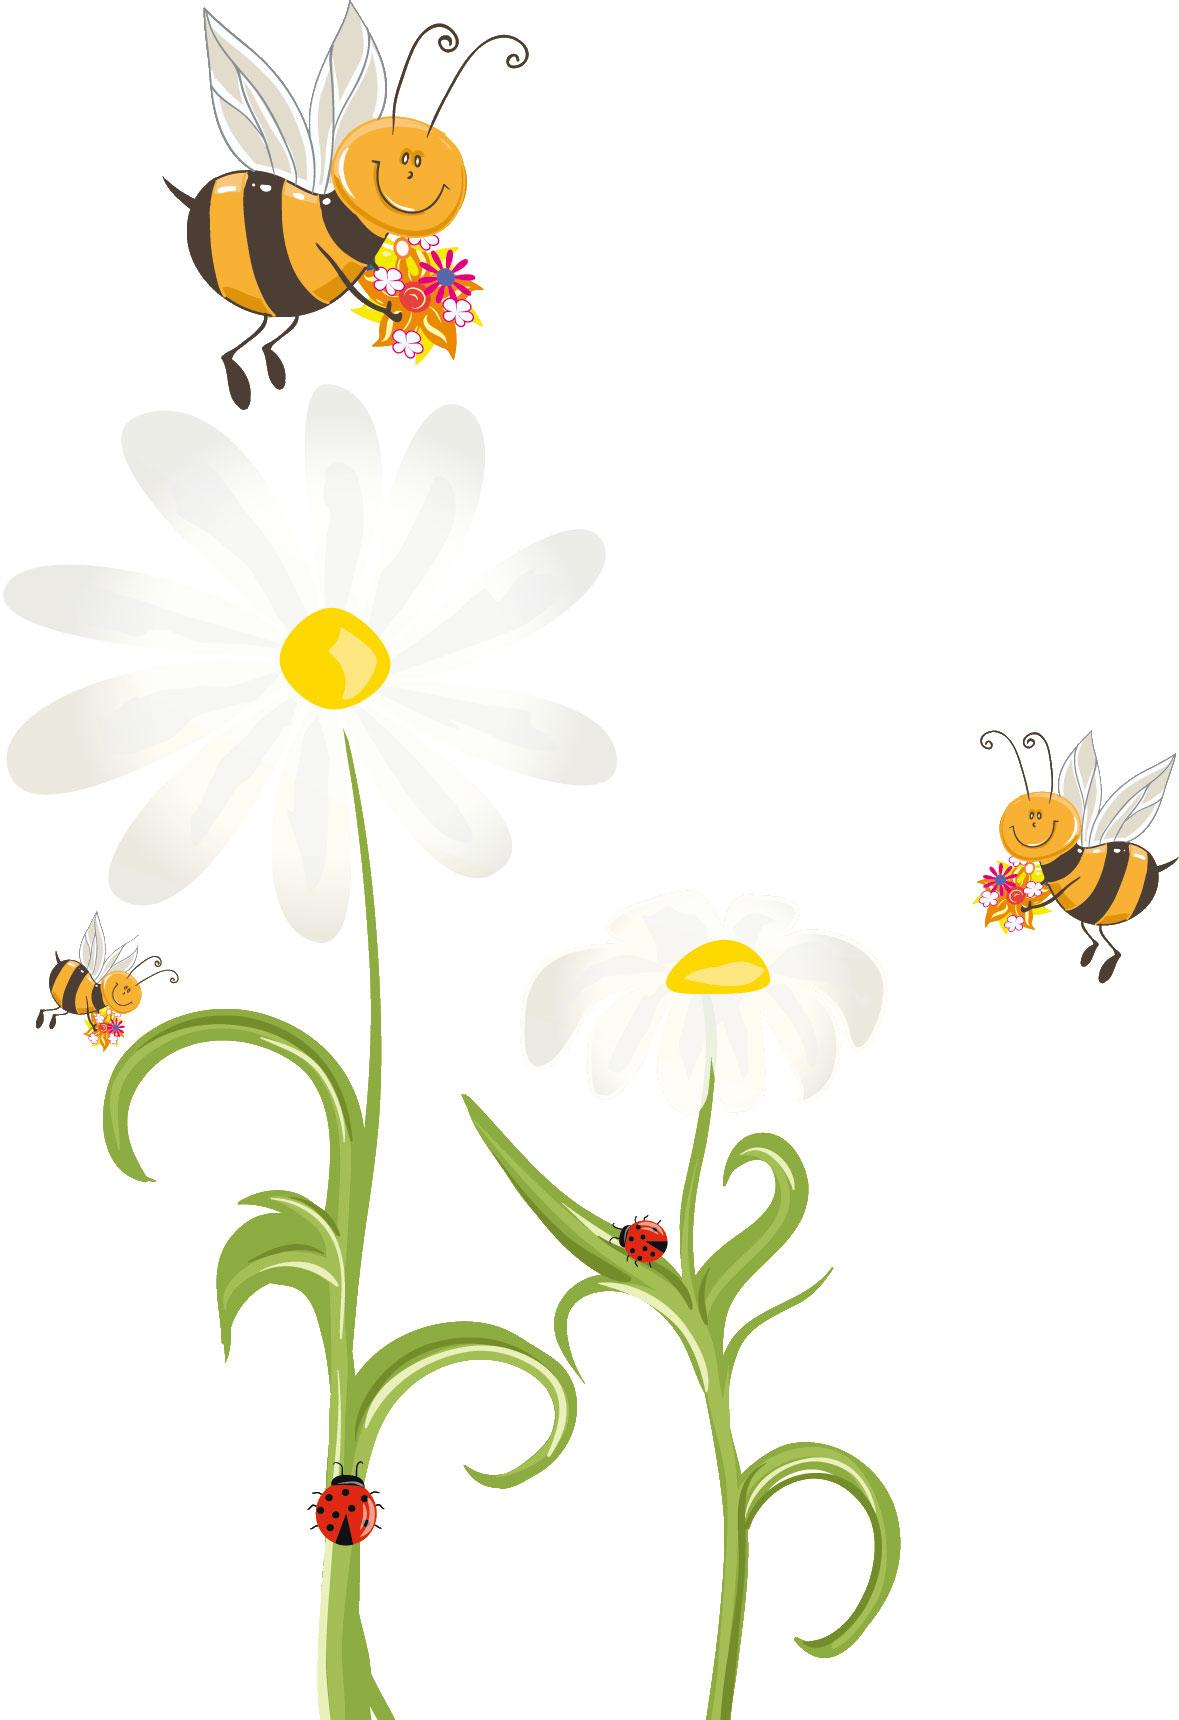 ミツバチの画像 p1_10